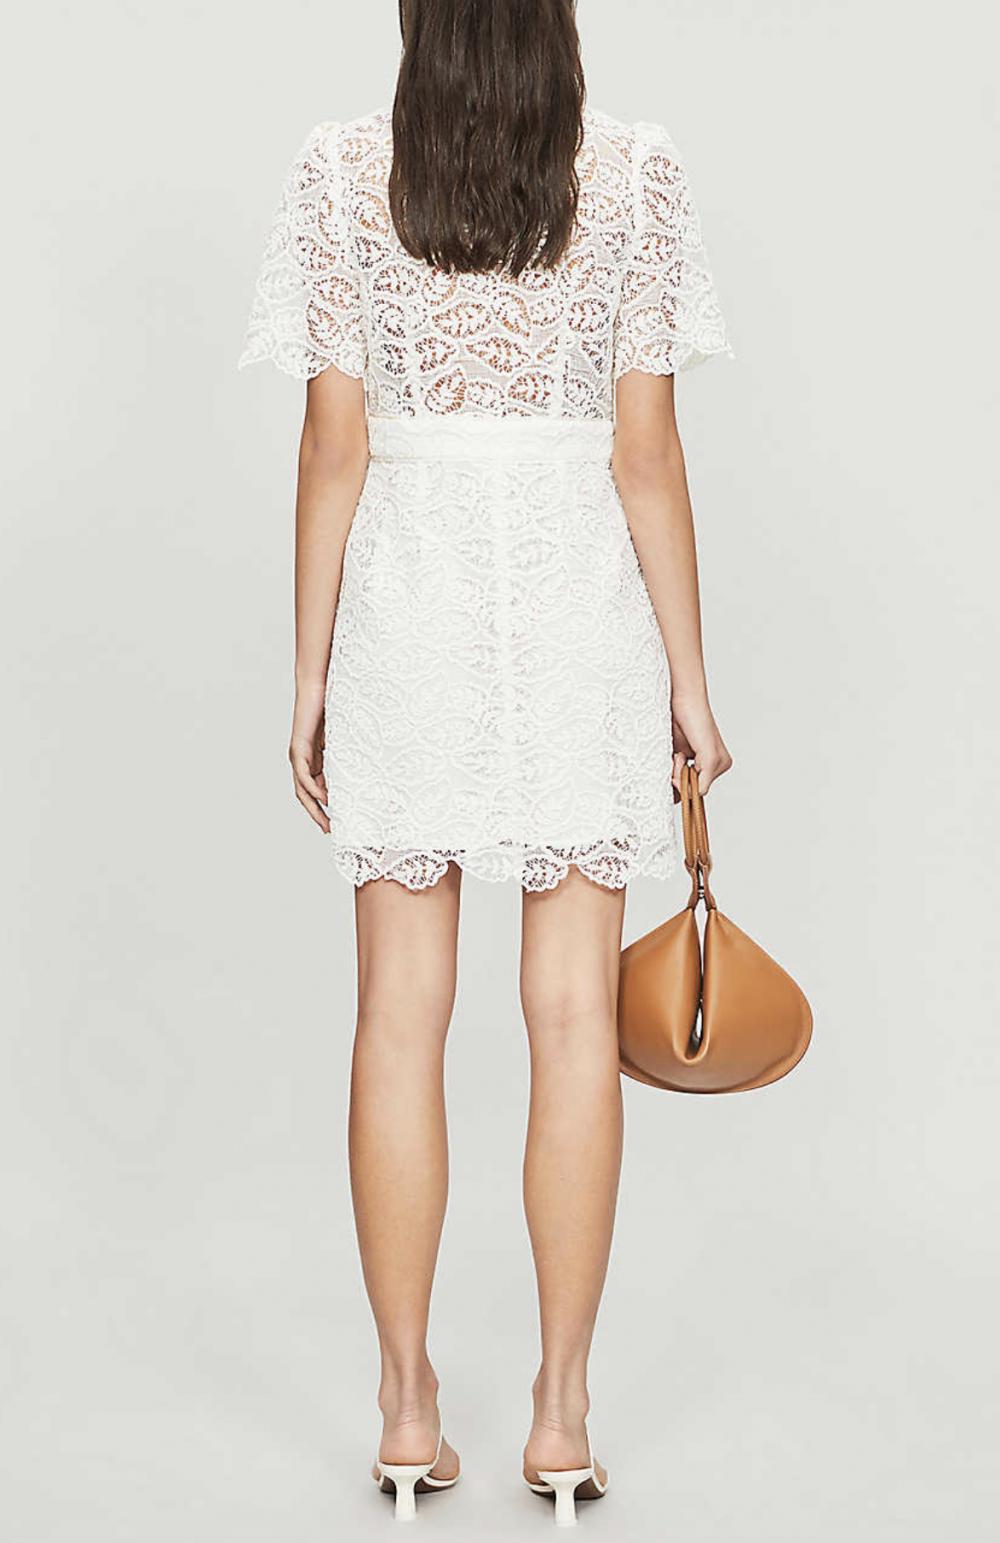 法式優雅連身裙款Selfridges減至半價5